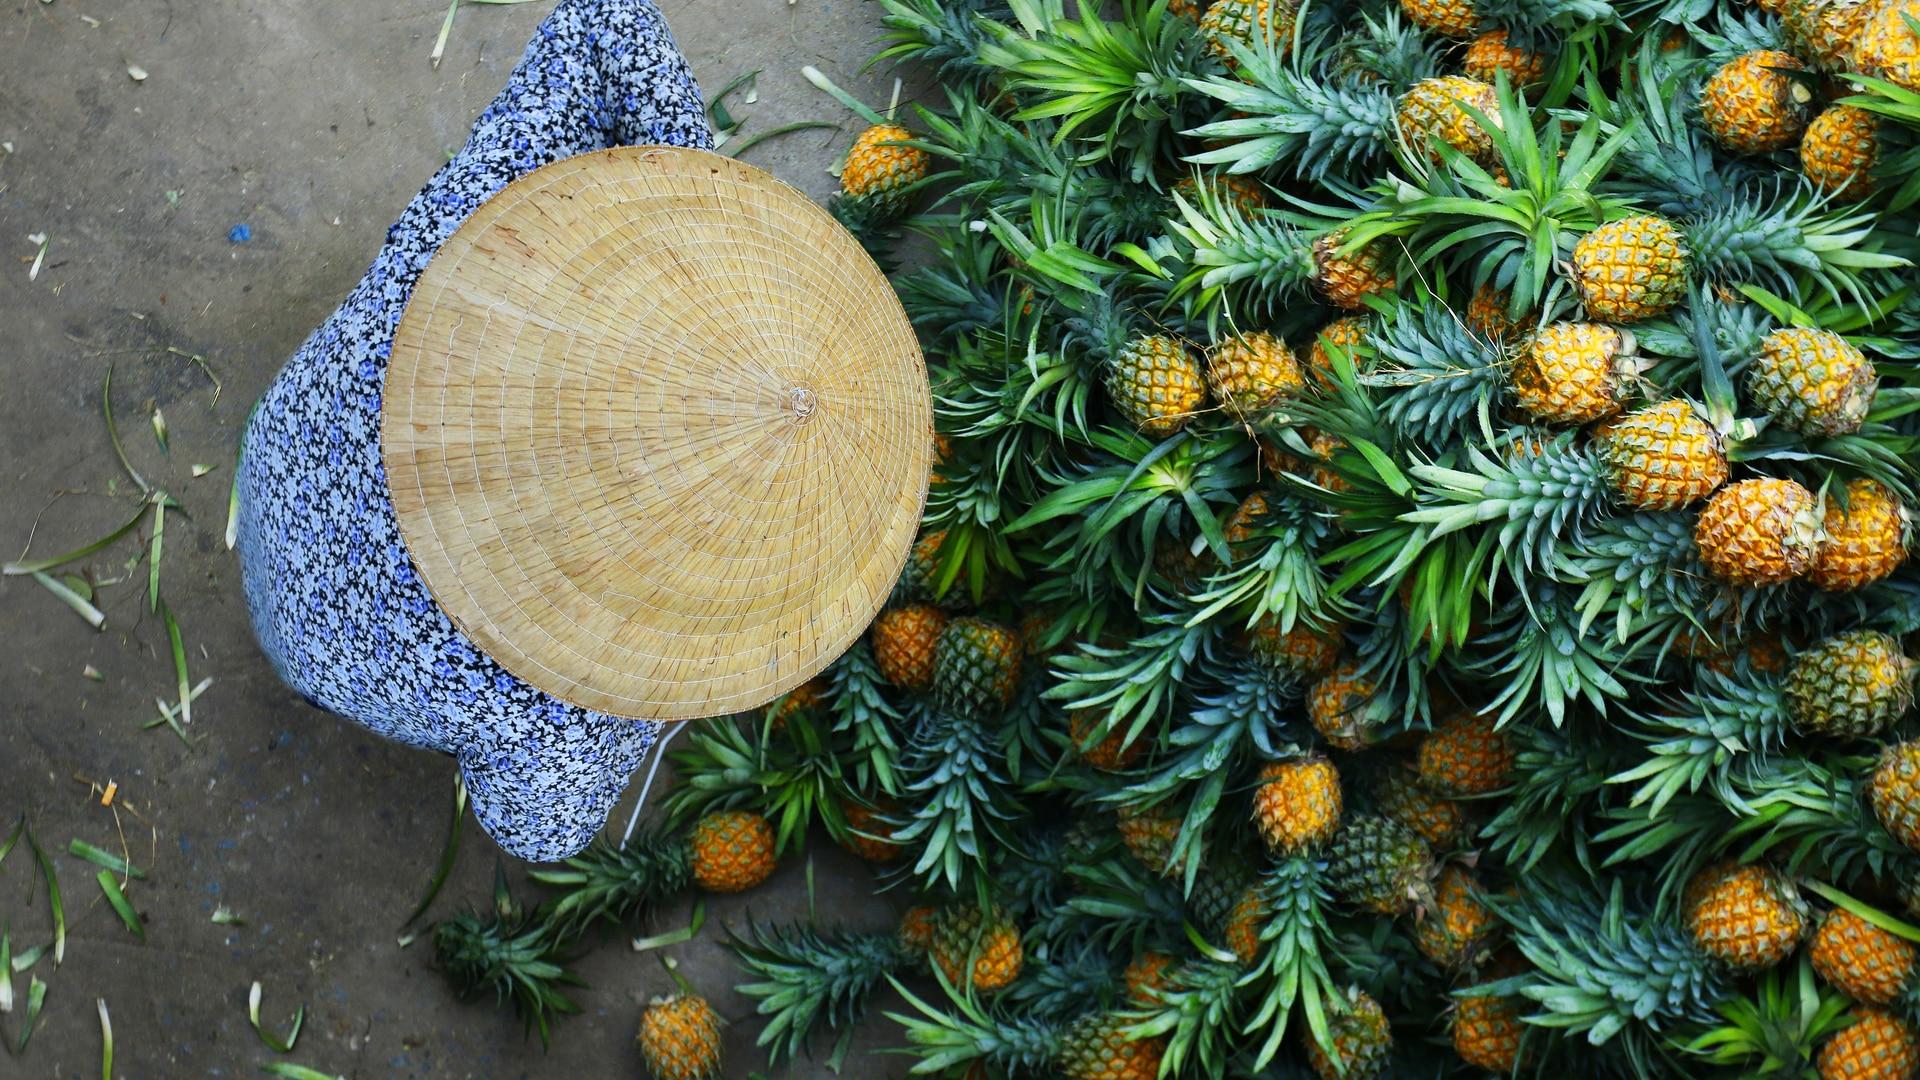 Pineapple Fruit Vendor in Vietnam